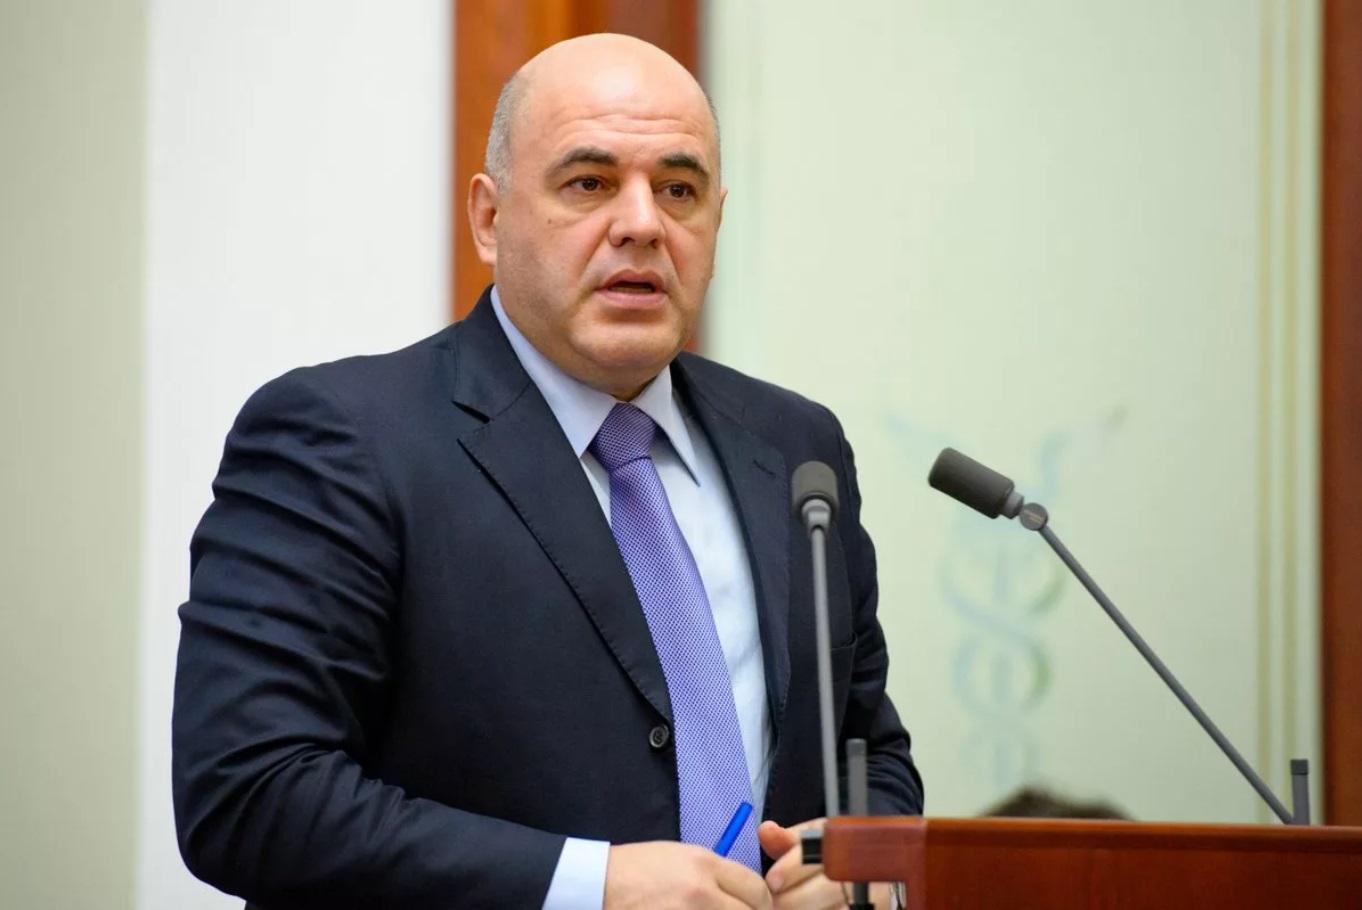 俄罗斯联邦总理米哈伊尔·米舒斯京 - 从2020年1月俄罗斯政府换届后火箭提拔上任的前税务局局长